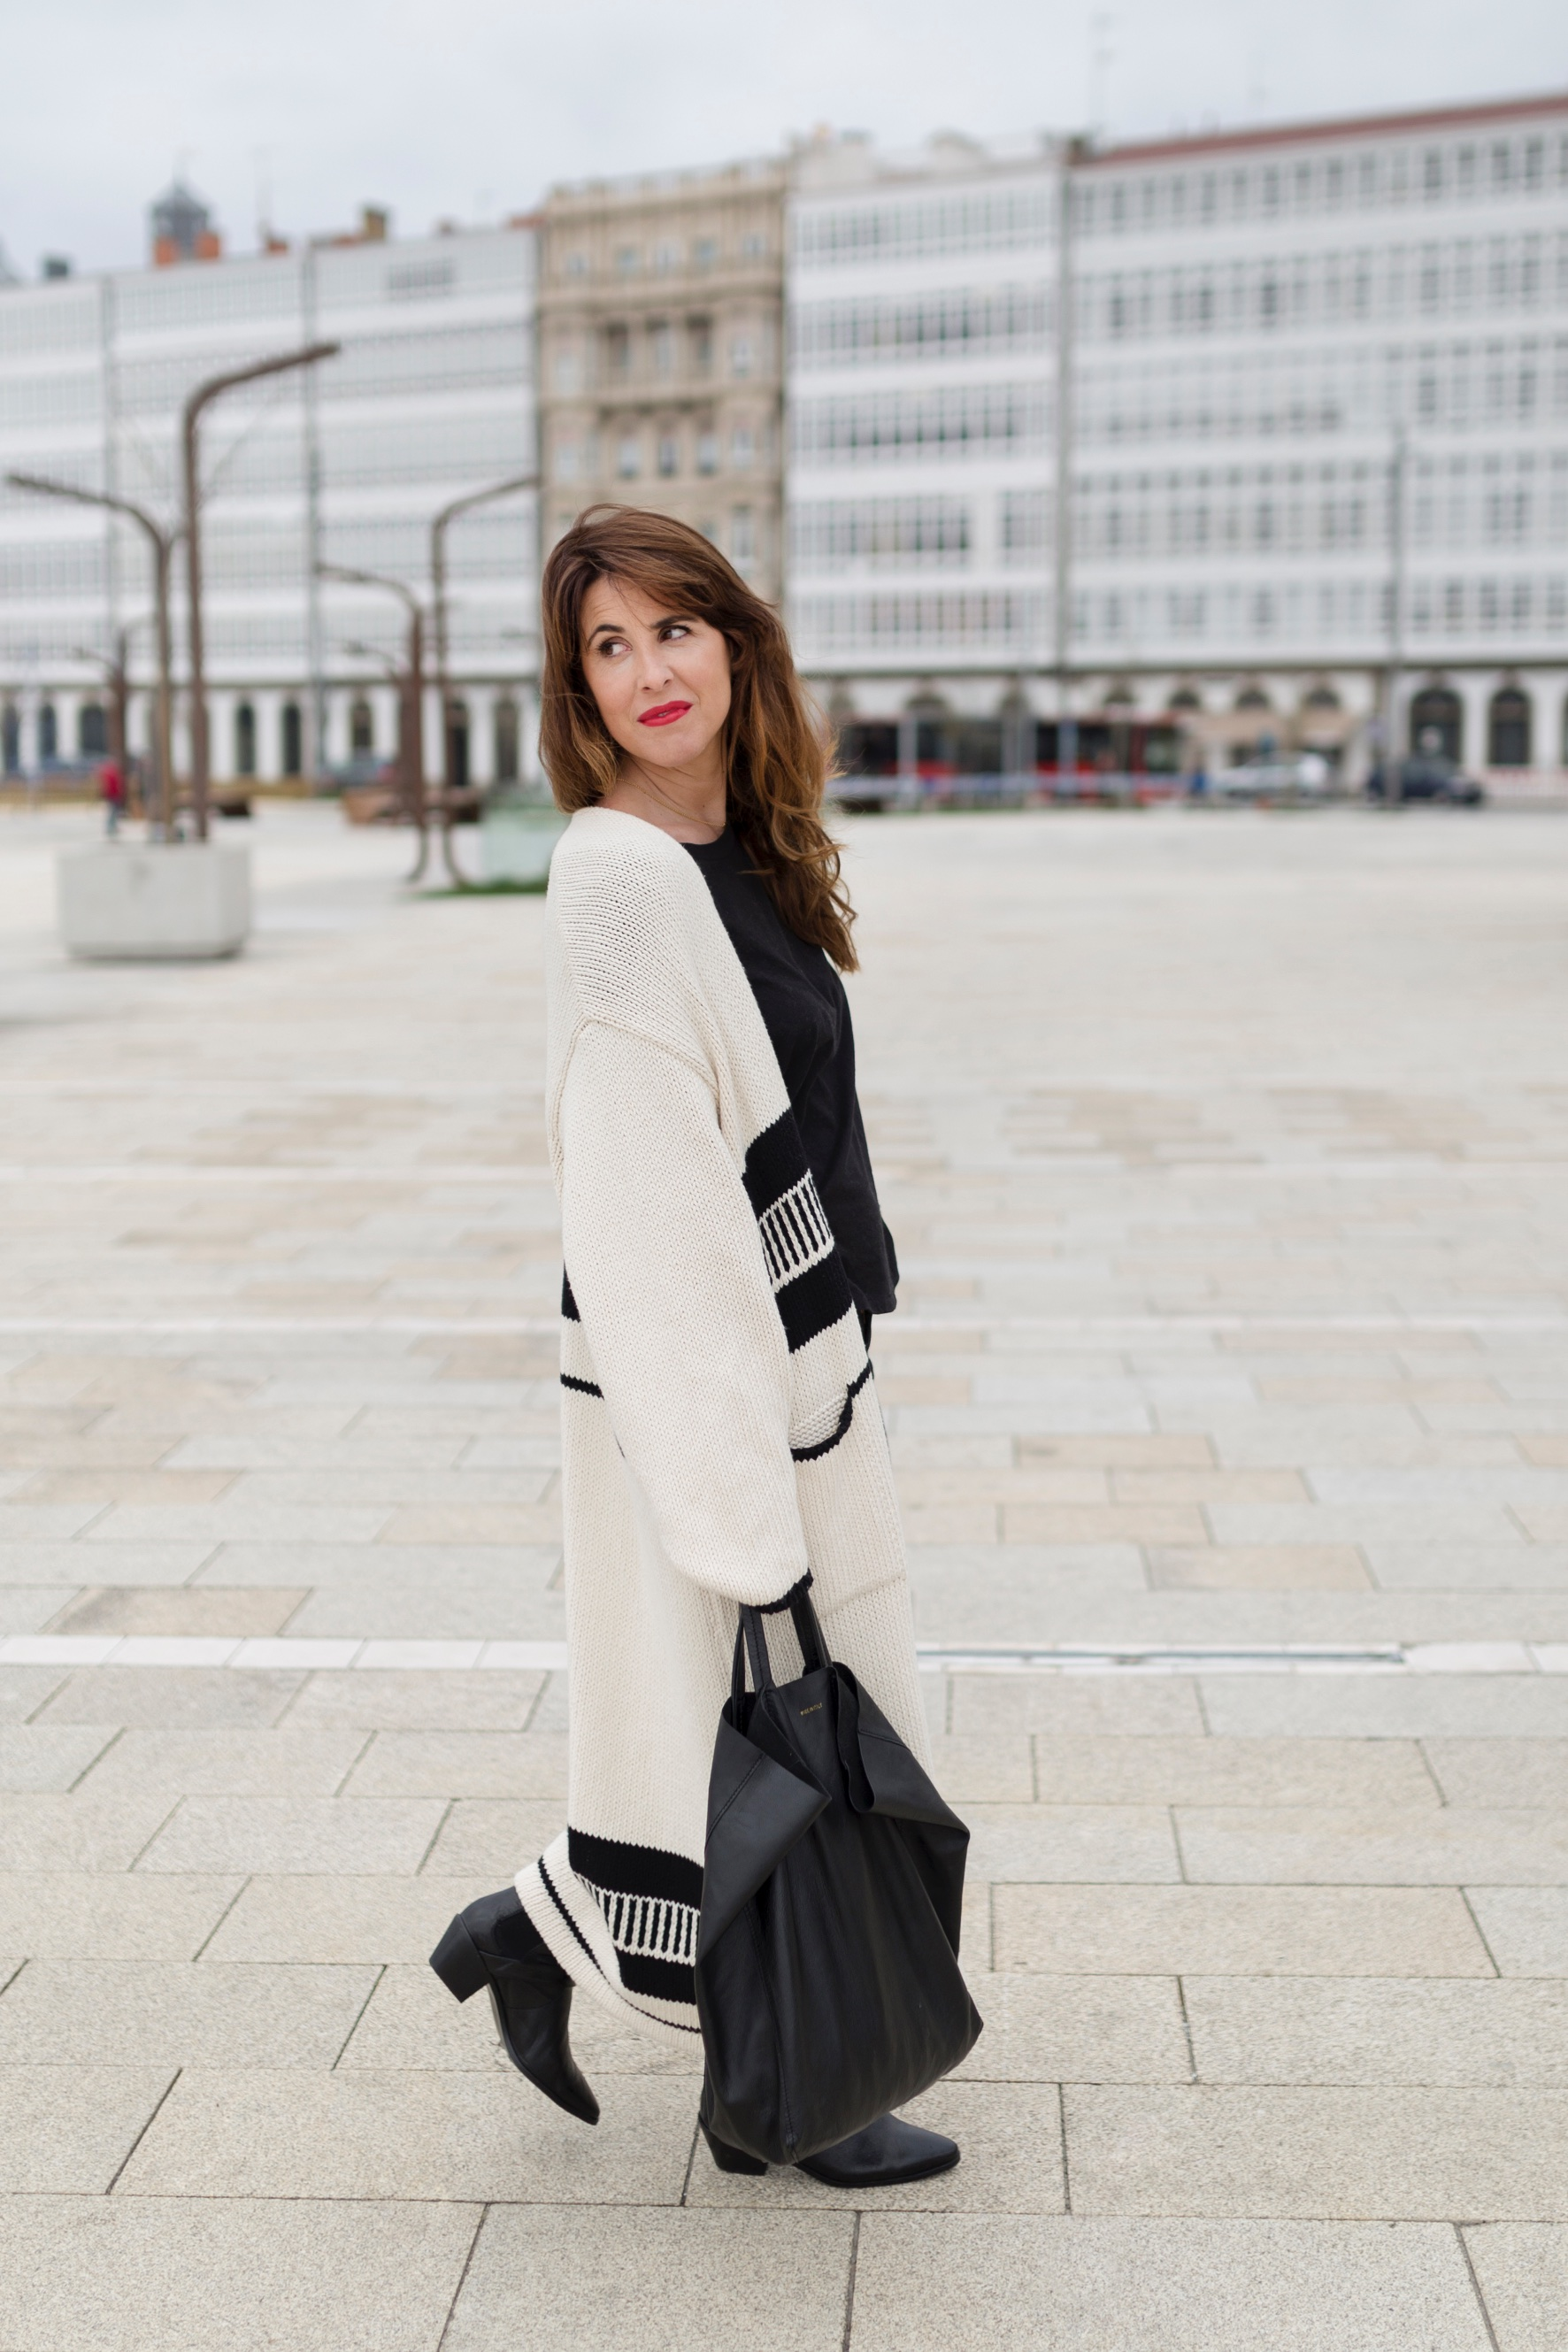 coruña- streetstyle- blogger- cèline bag- style- zara look-ootd- descalzaporelparque-fashion-moda